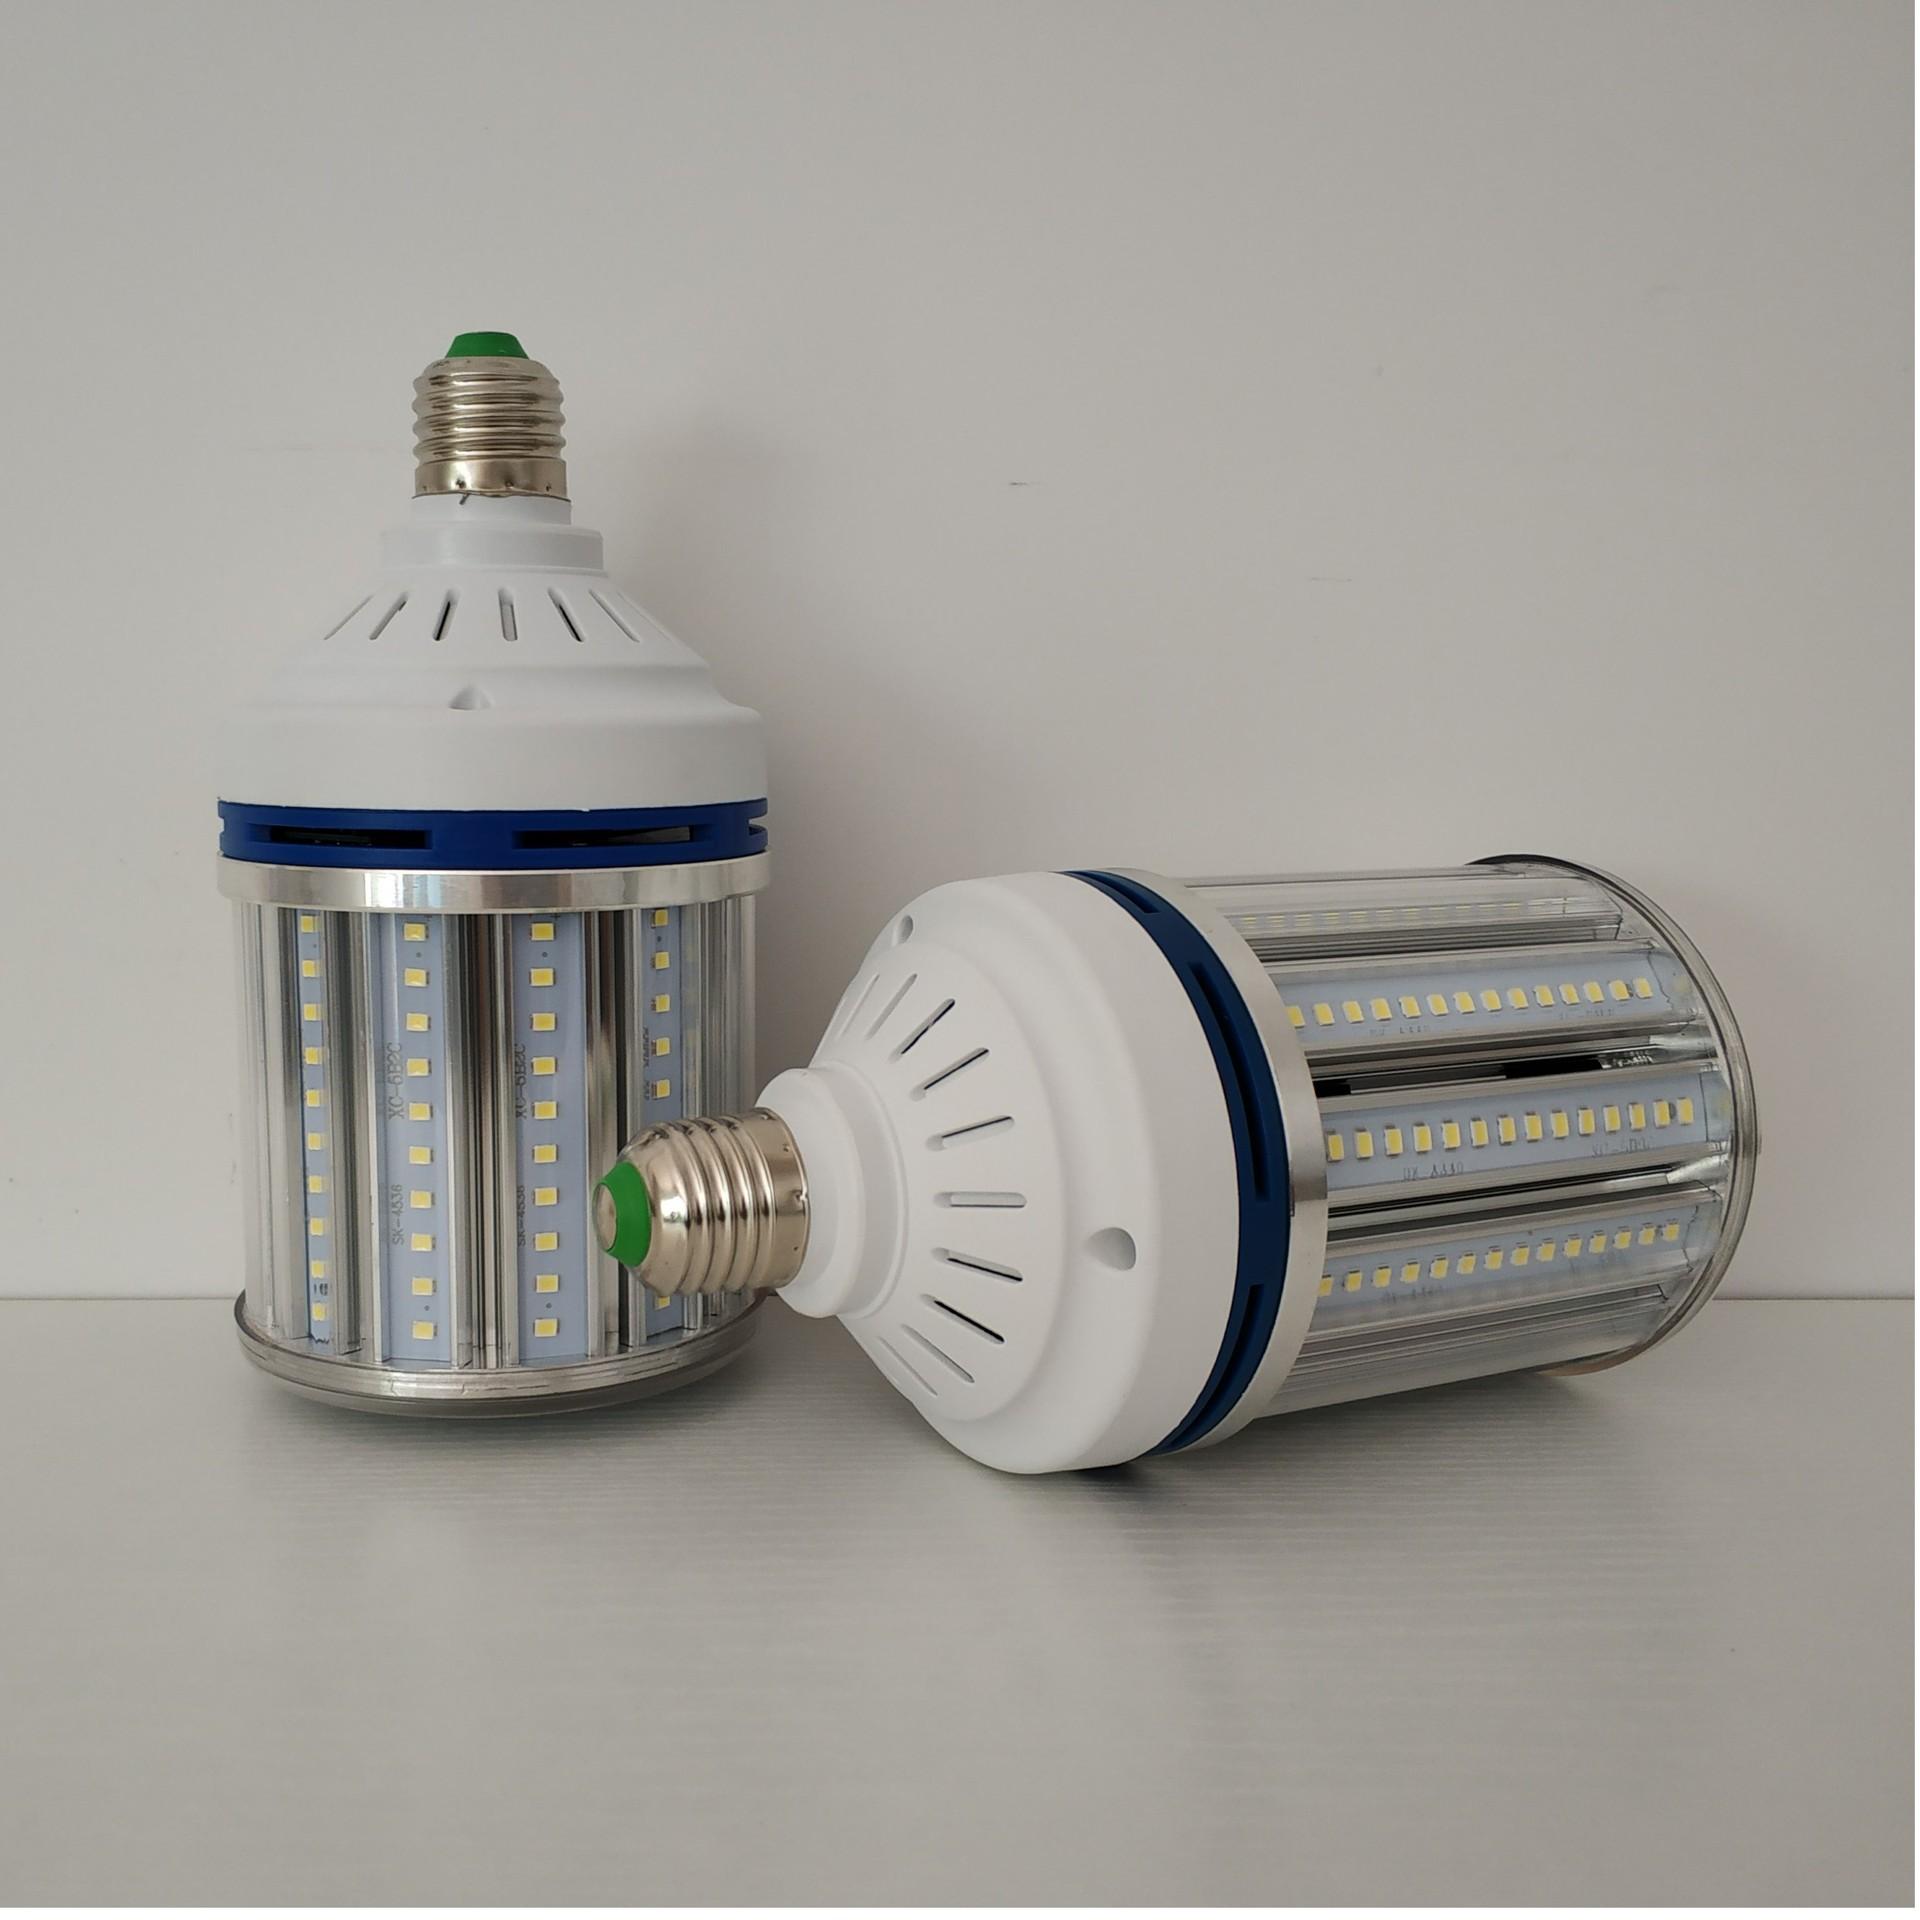 YINGSHU Bóng đèn LED bắp ngô Đèn led ngô mới 2835 hạt đèn độ sáng cao nhôm tản nhiệt năng lượng thấp